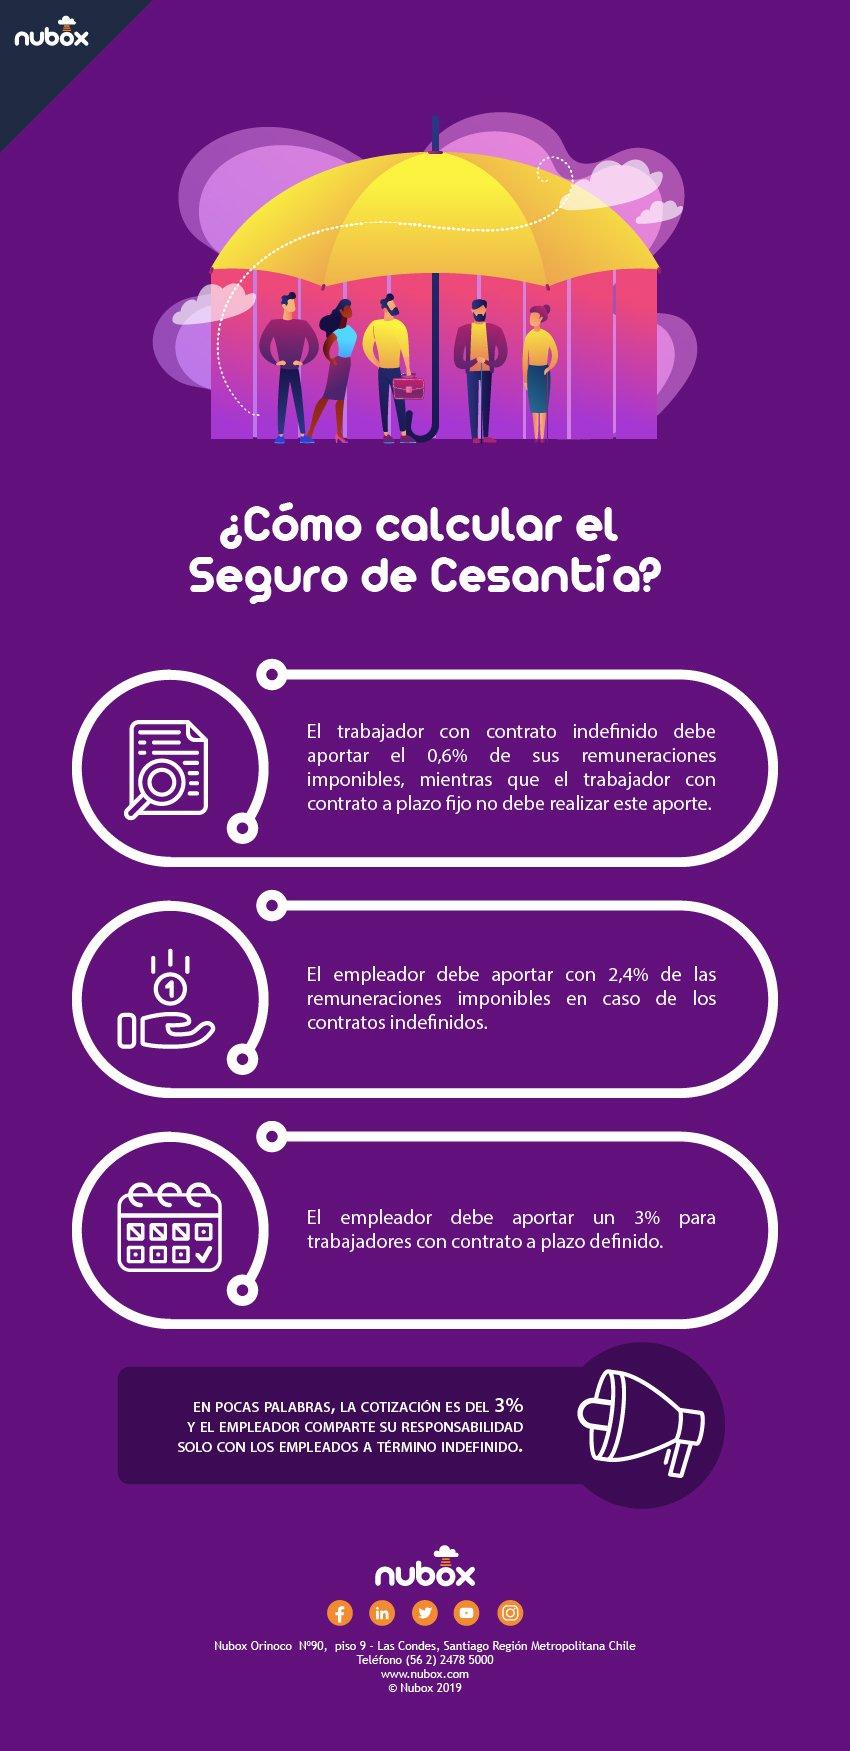 cómo calcular seguro de cesantía